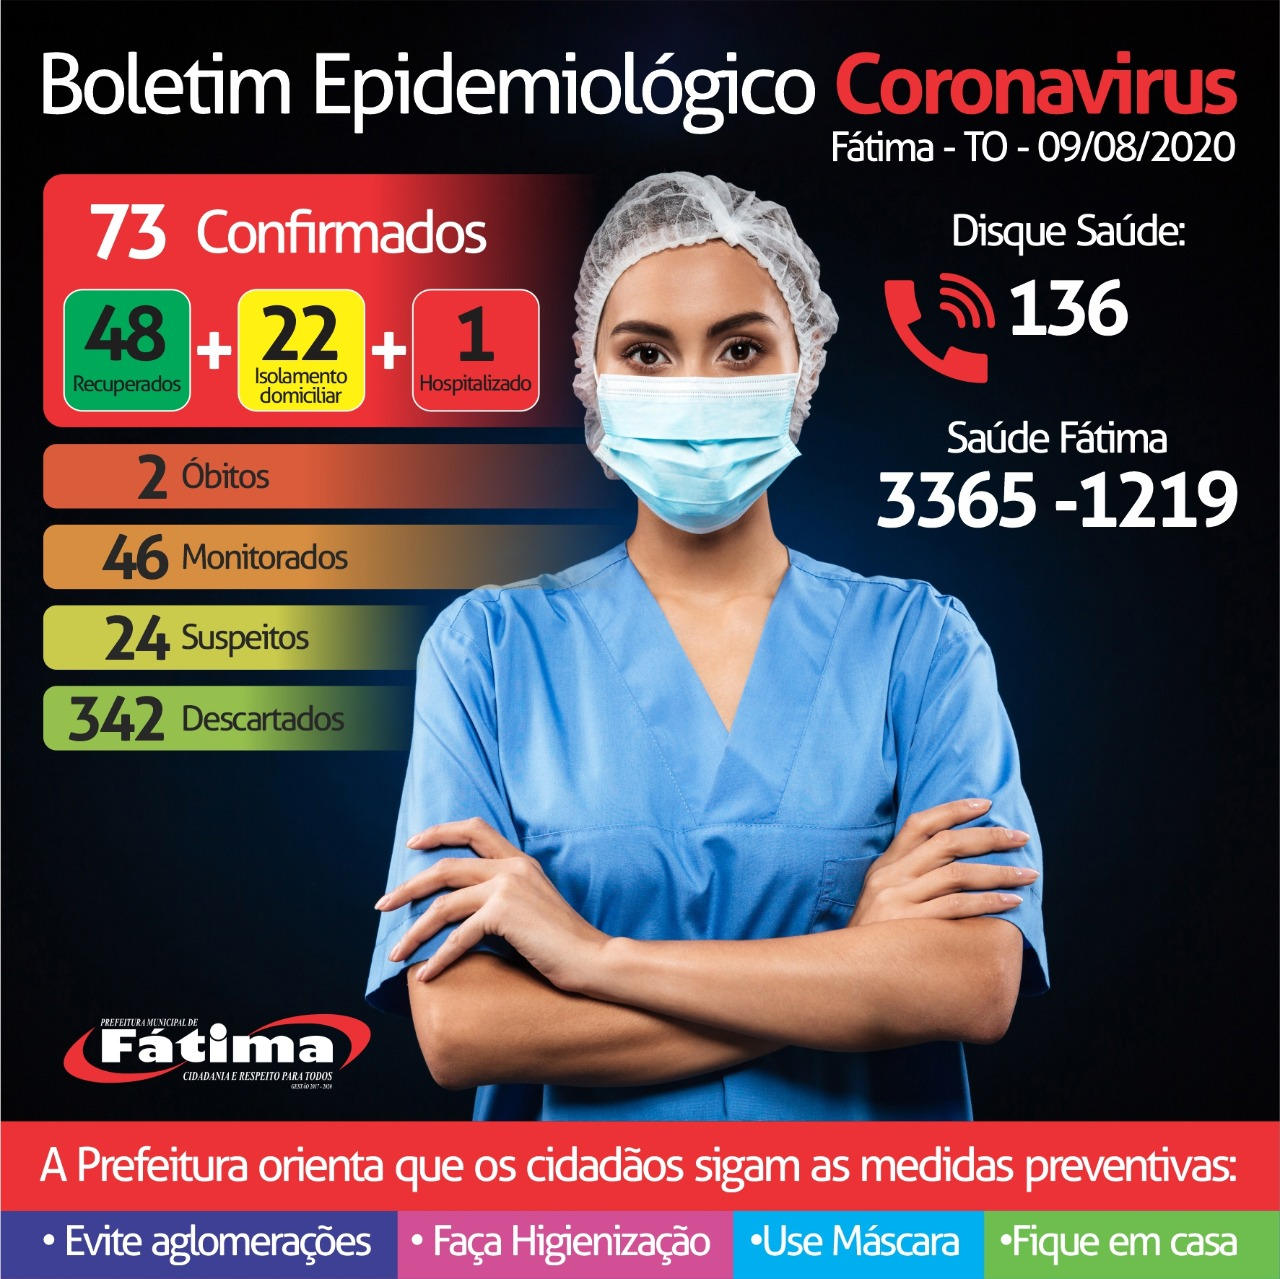 Fátima contabiliza 5 novos registros de pacientes com Covid-19 neste domingo